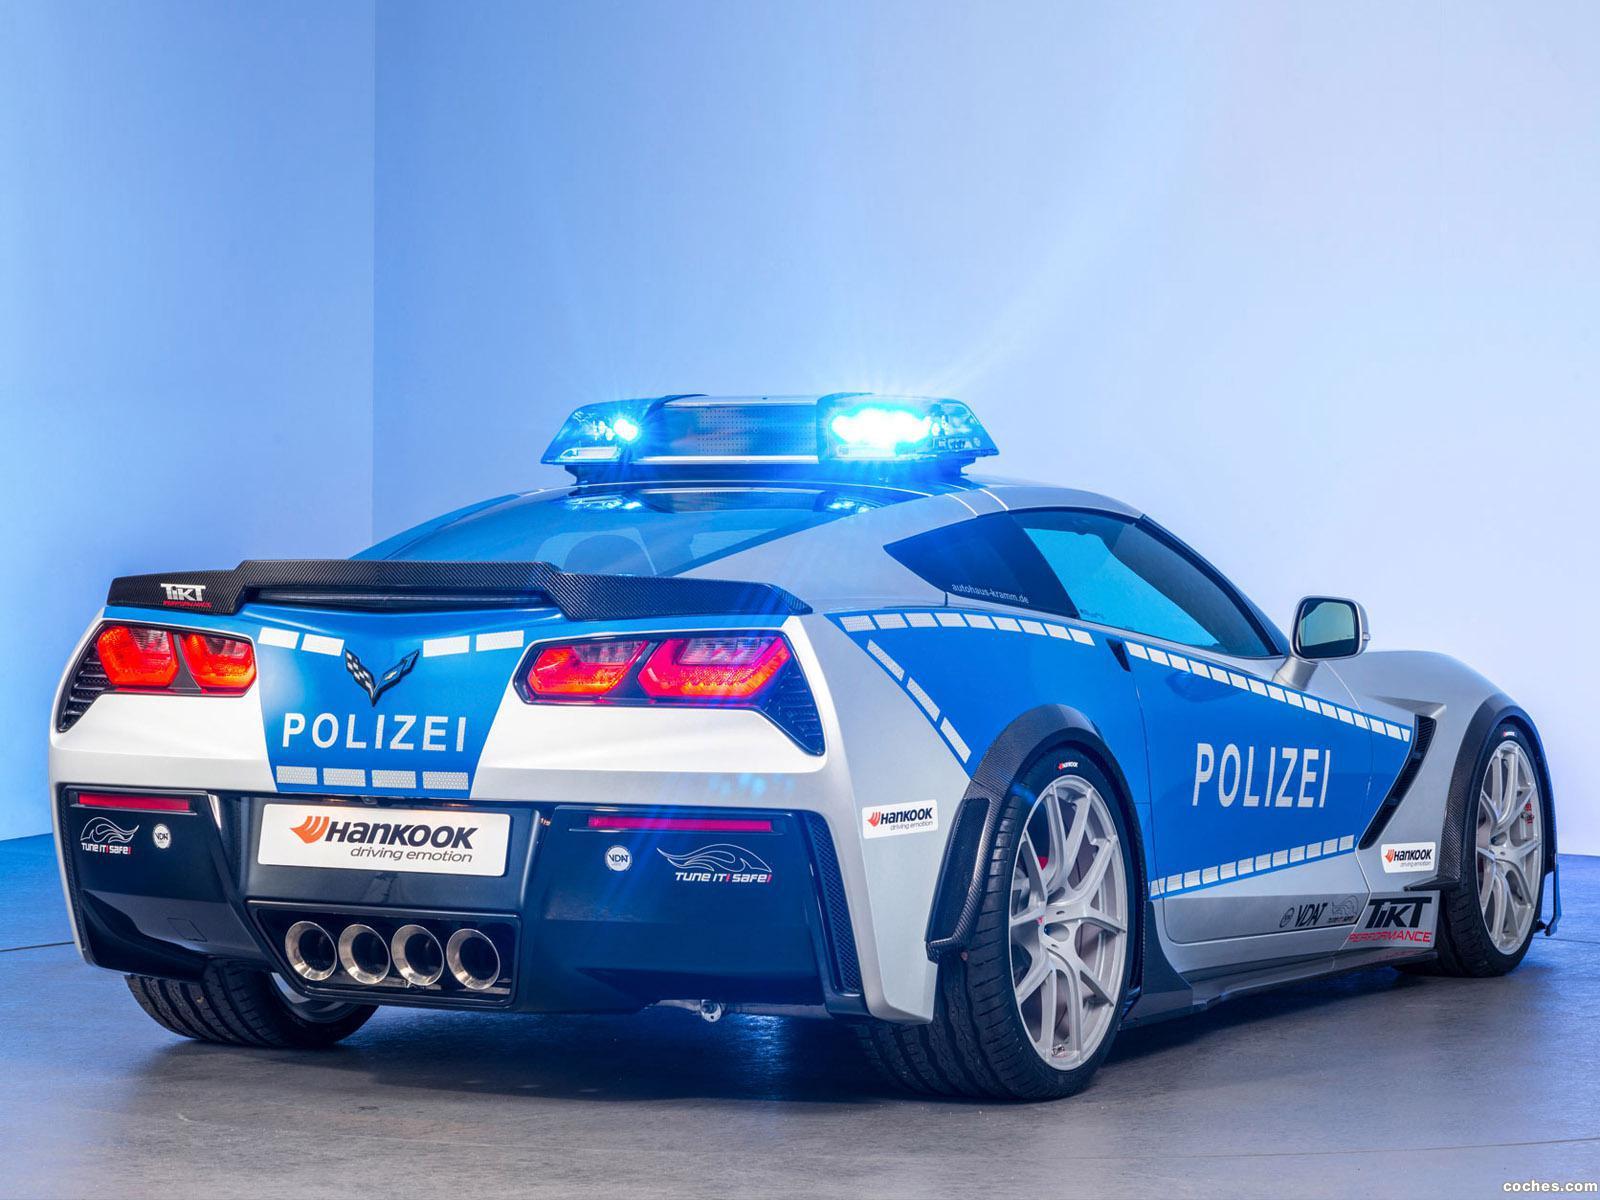 Foto 2 de Chevrolet Corvette C7 Stingray Coupe Polizei Safe Concept 2015